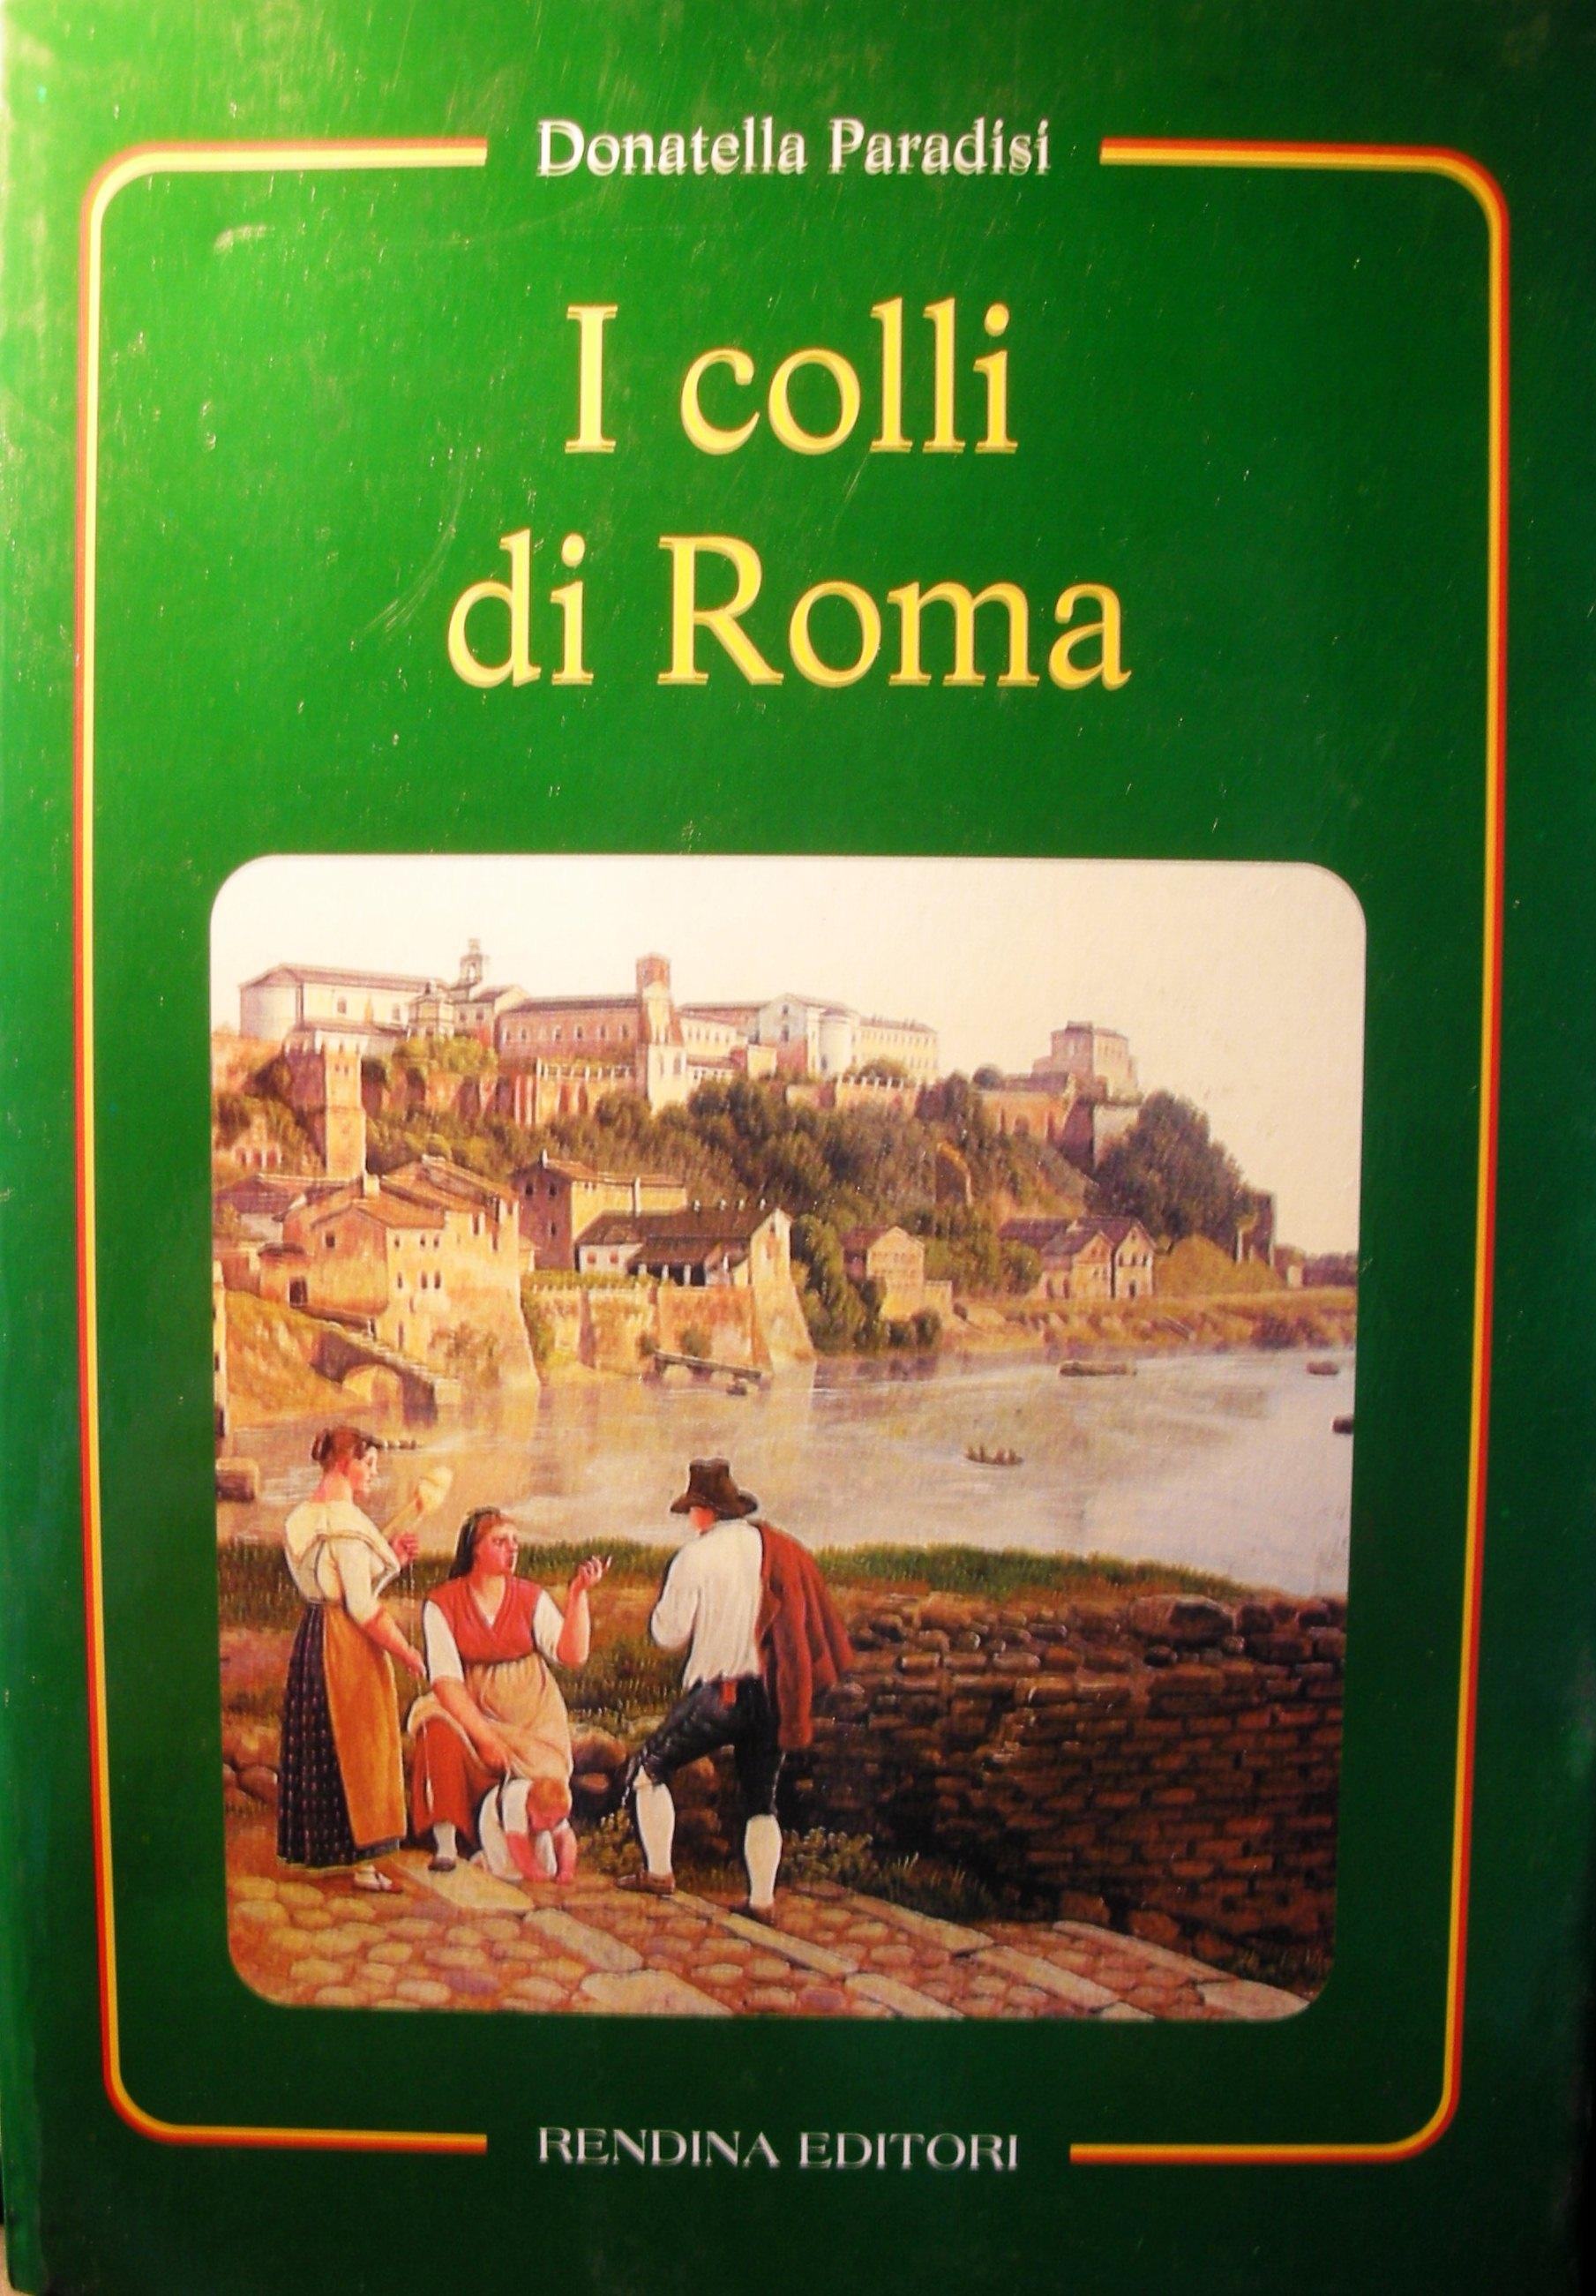 I colli di Roma